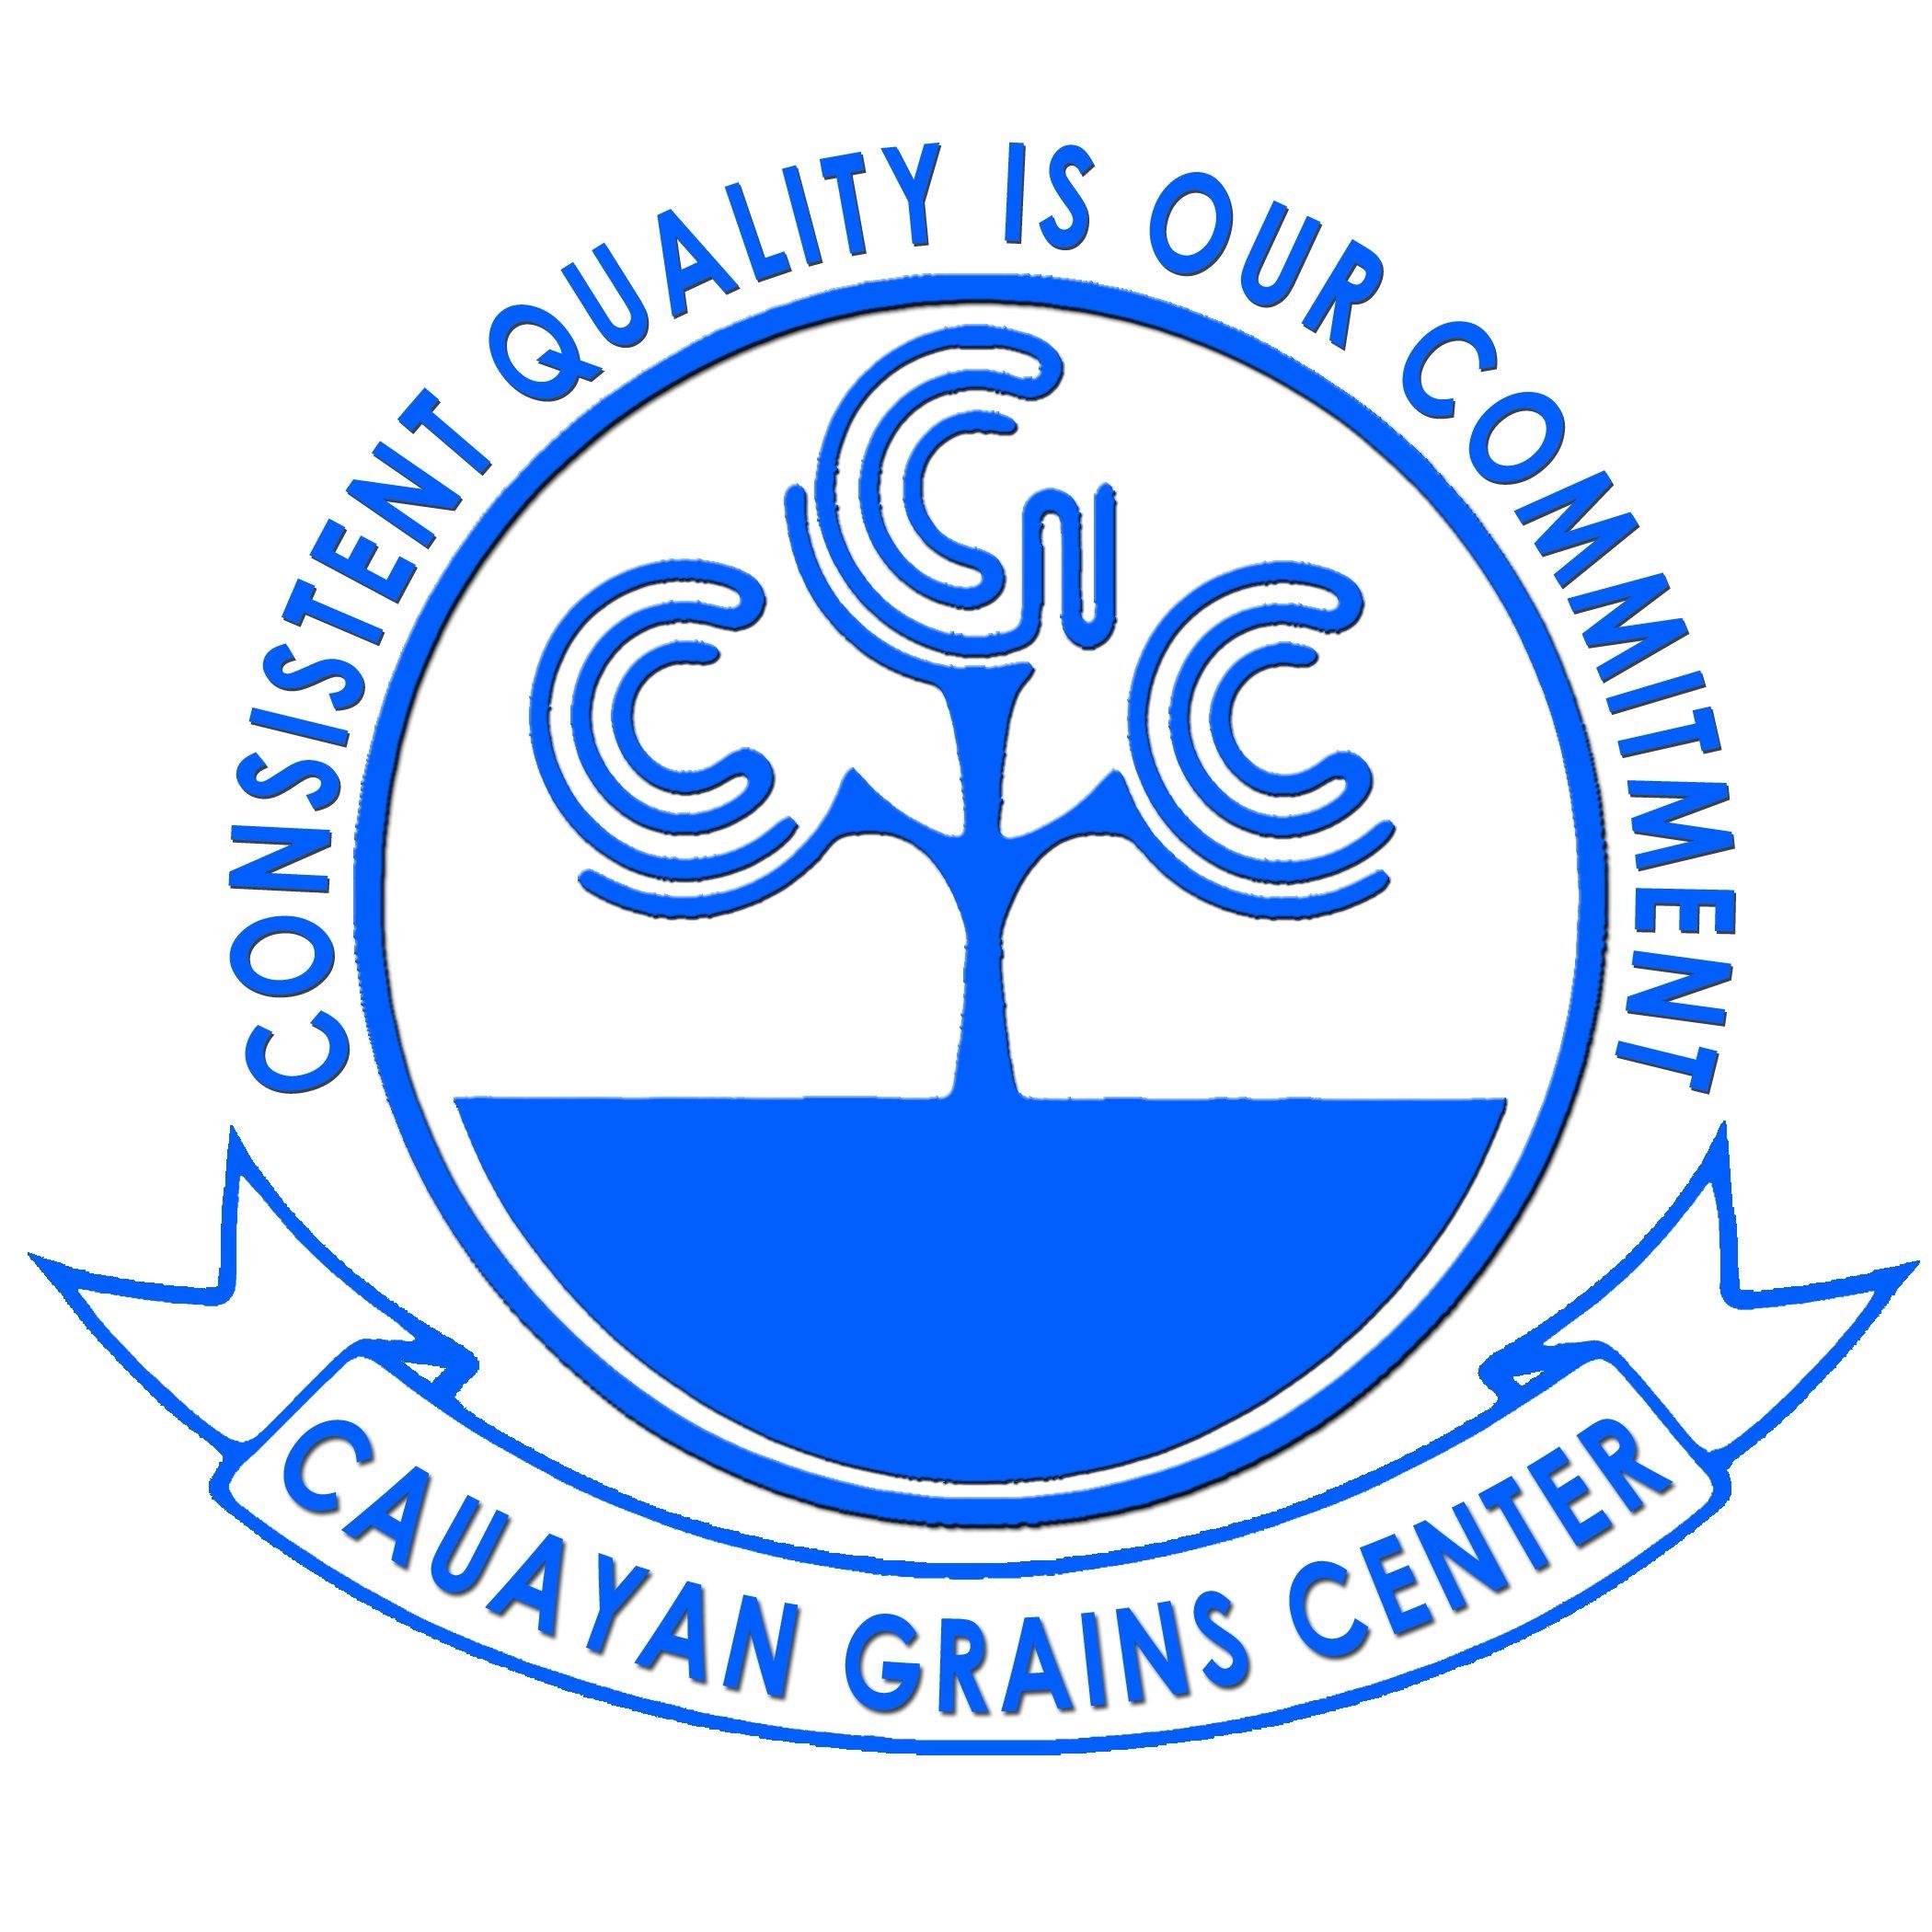 Cauayan Grains Center